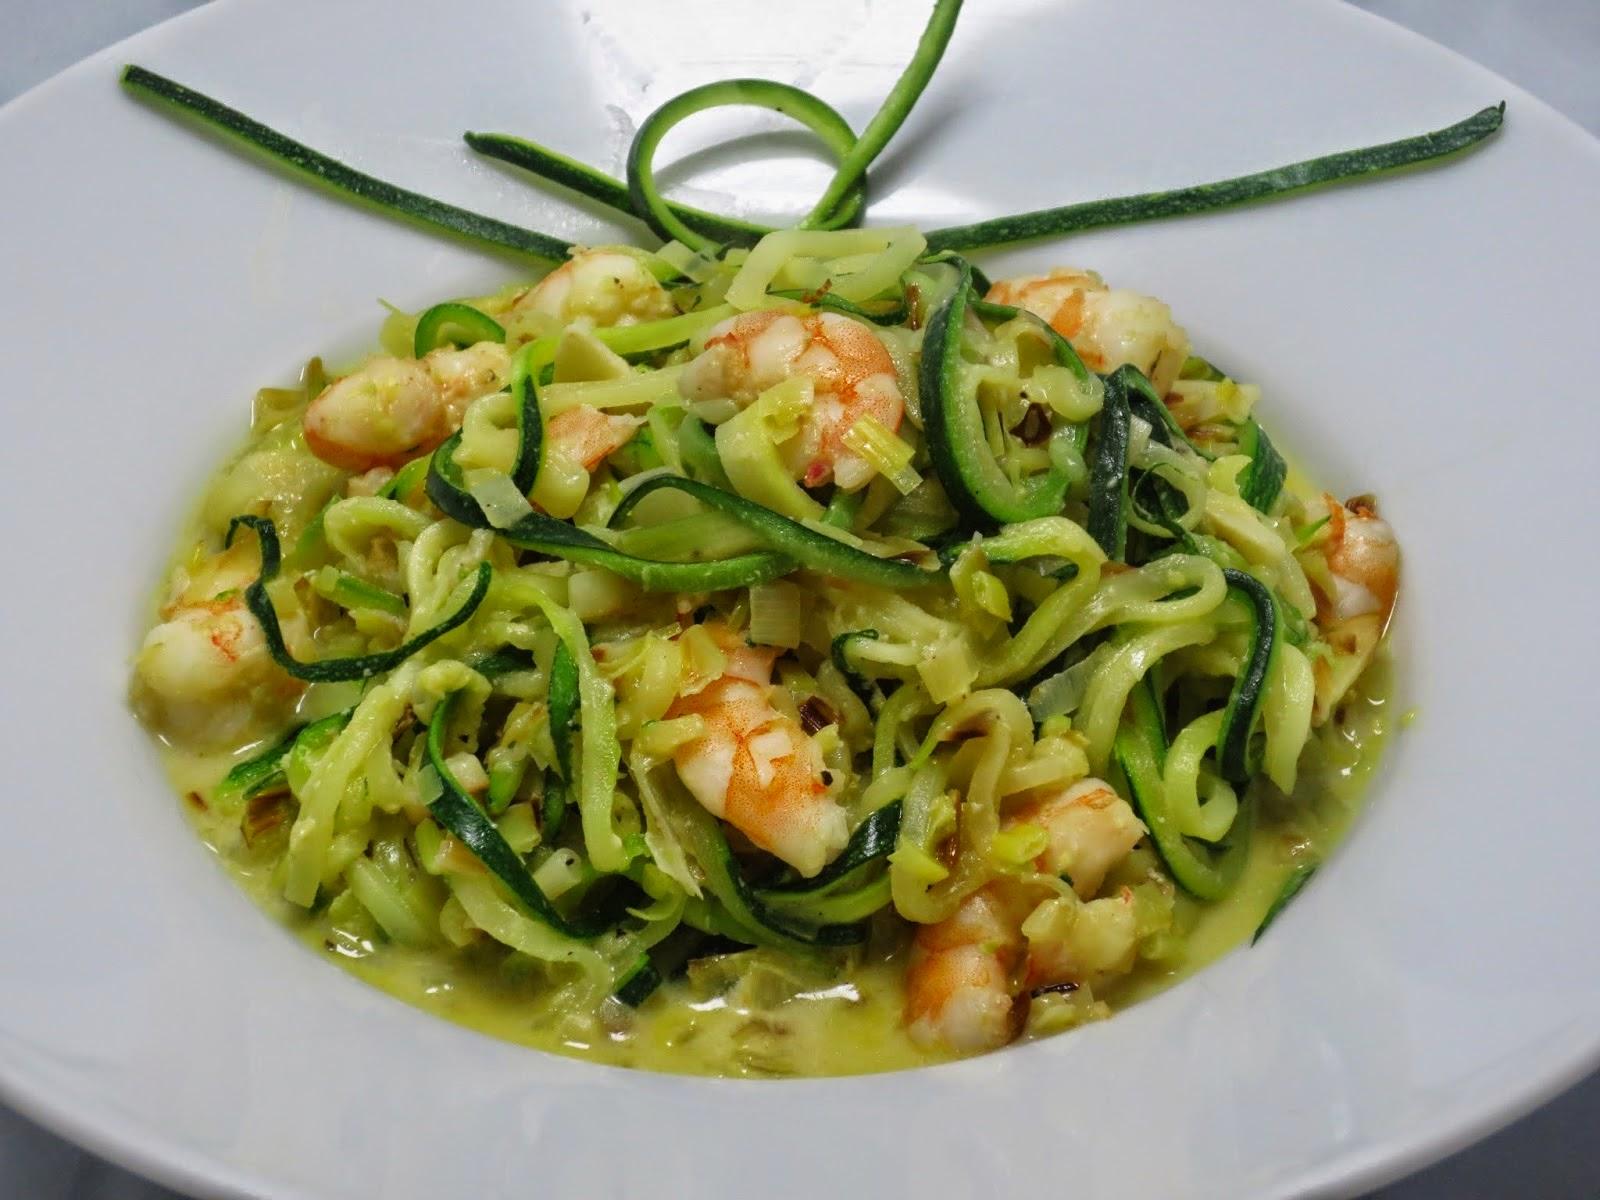 Blog con recetas sencillas r pidas y econ micas de cocina - Espaguetis con gambas y champinones ...